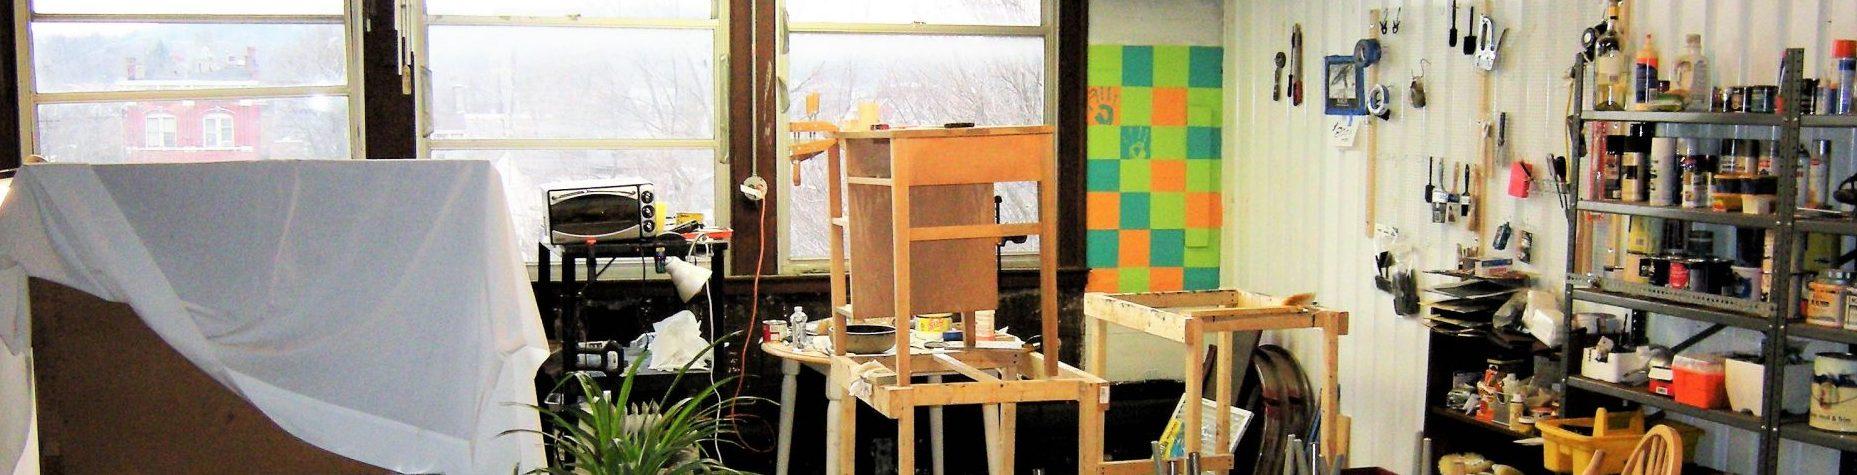 Recreated: The Studio